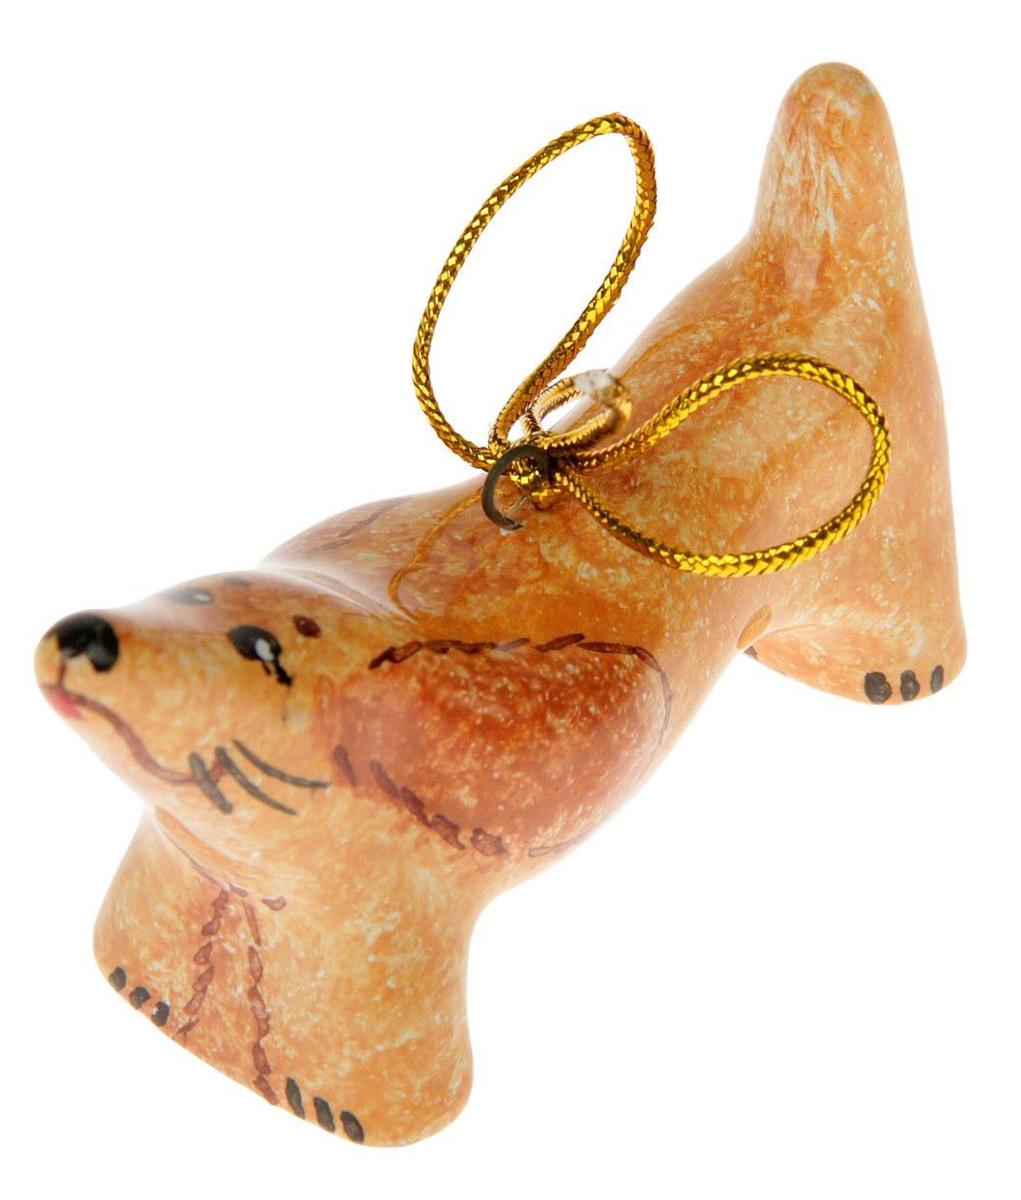 Украшение новогоднее подвесное NoName Такса. 24635842463584Новогоднее подвесное украшение NoName Такса выполнено из керамики. С помощью специальной петельки украшение можно повесить в любом понравившемся вам месте. Но, конечно, удачнее всего оно будет смотреться на праздничной елке.Елочная игрушка - символ Нового года. Она несет в себе волшебство и красоту праздника. Создайте в своем доме атмосферу веселья и радости, украшая новогоднюю елку нарядными игрушками, которые будут из года в год накапливать теплоту воспоминаний.